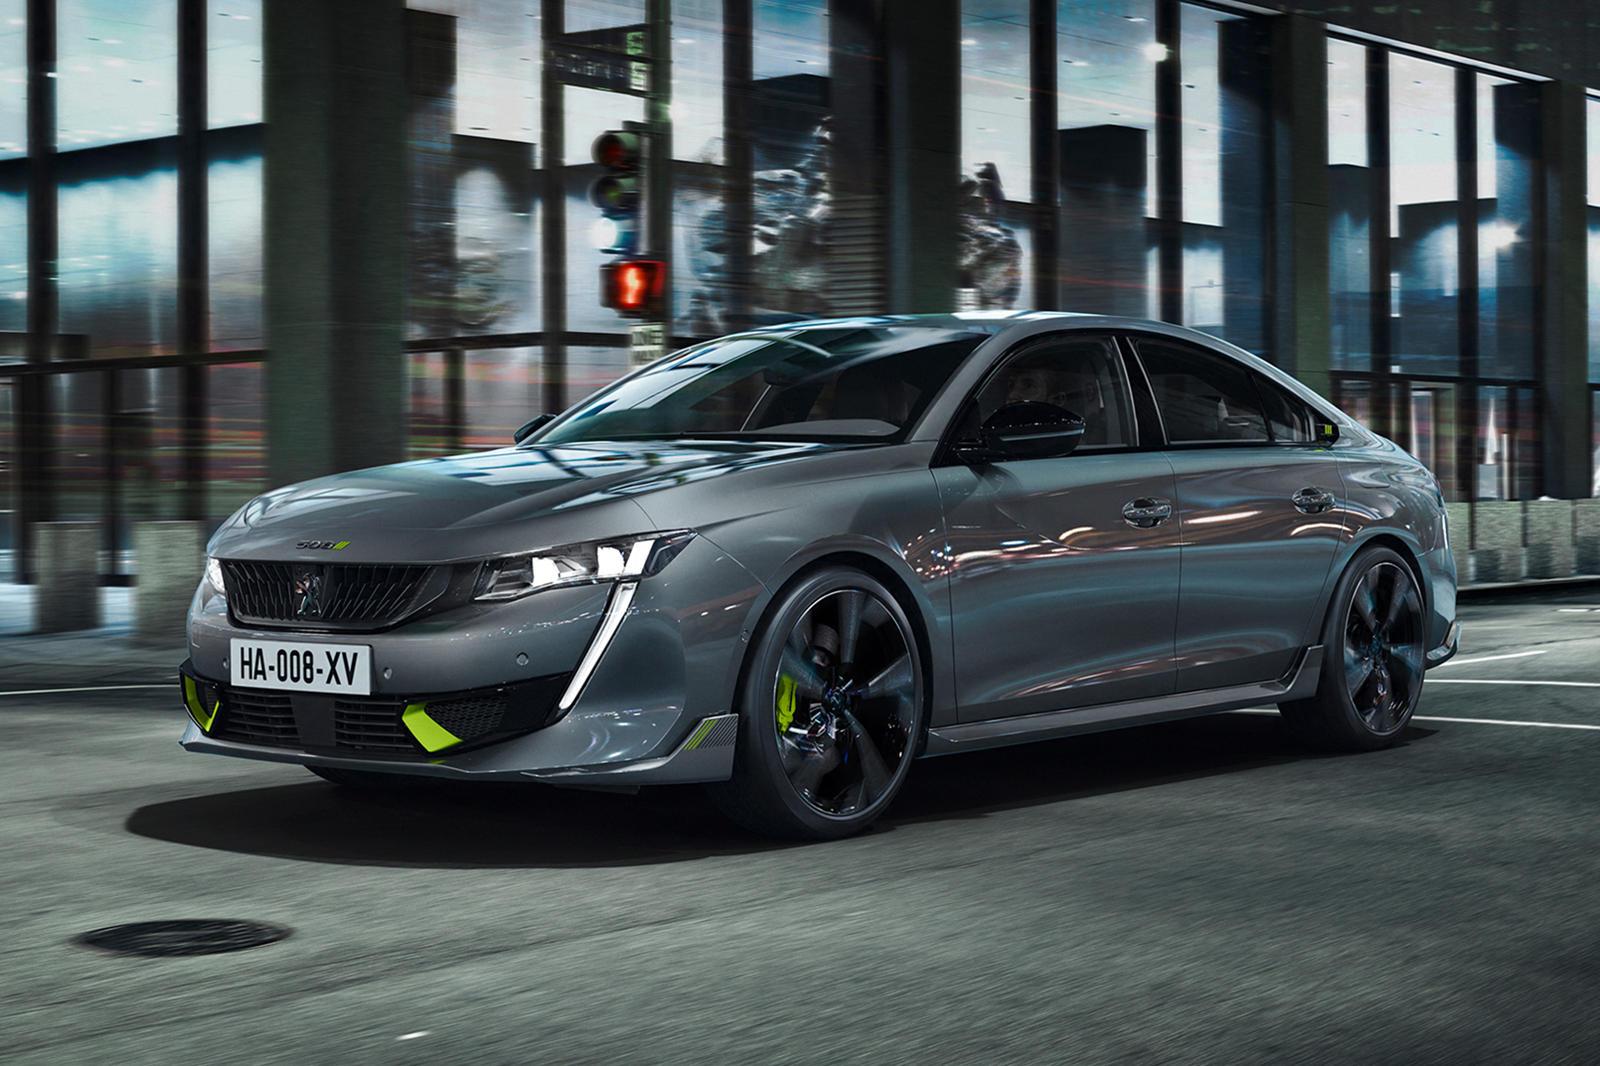 Đây là mẫu xe mạnh nhất từ trước tới nay của hãng xe Peugeot